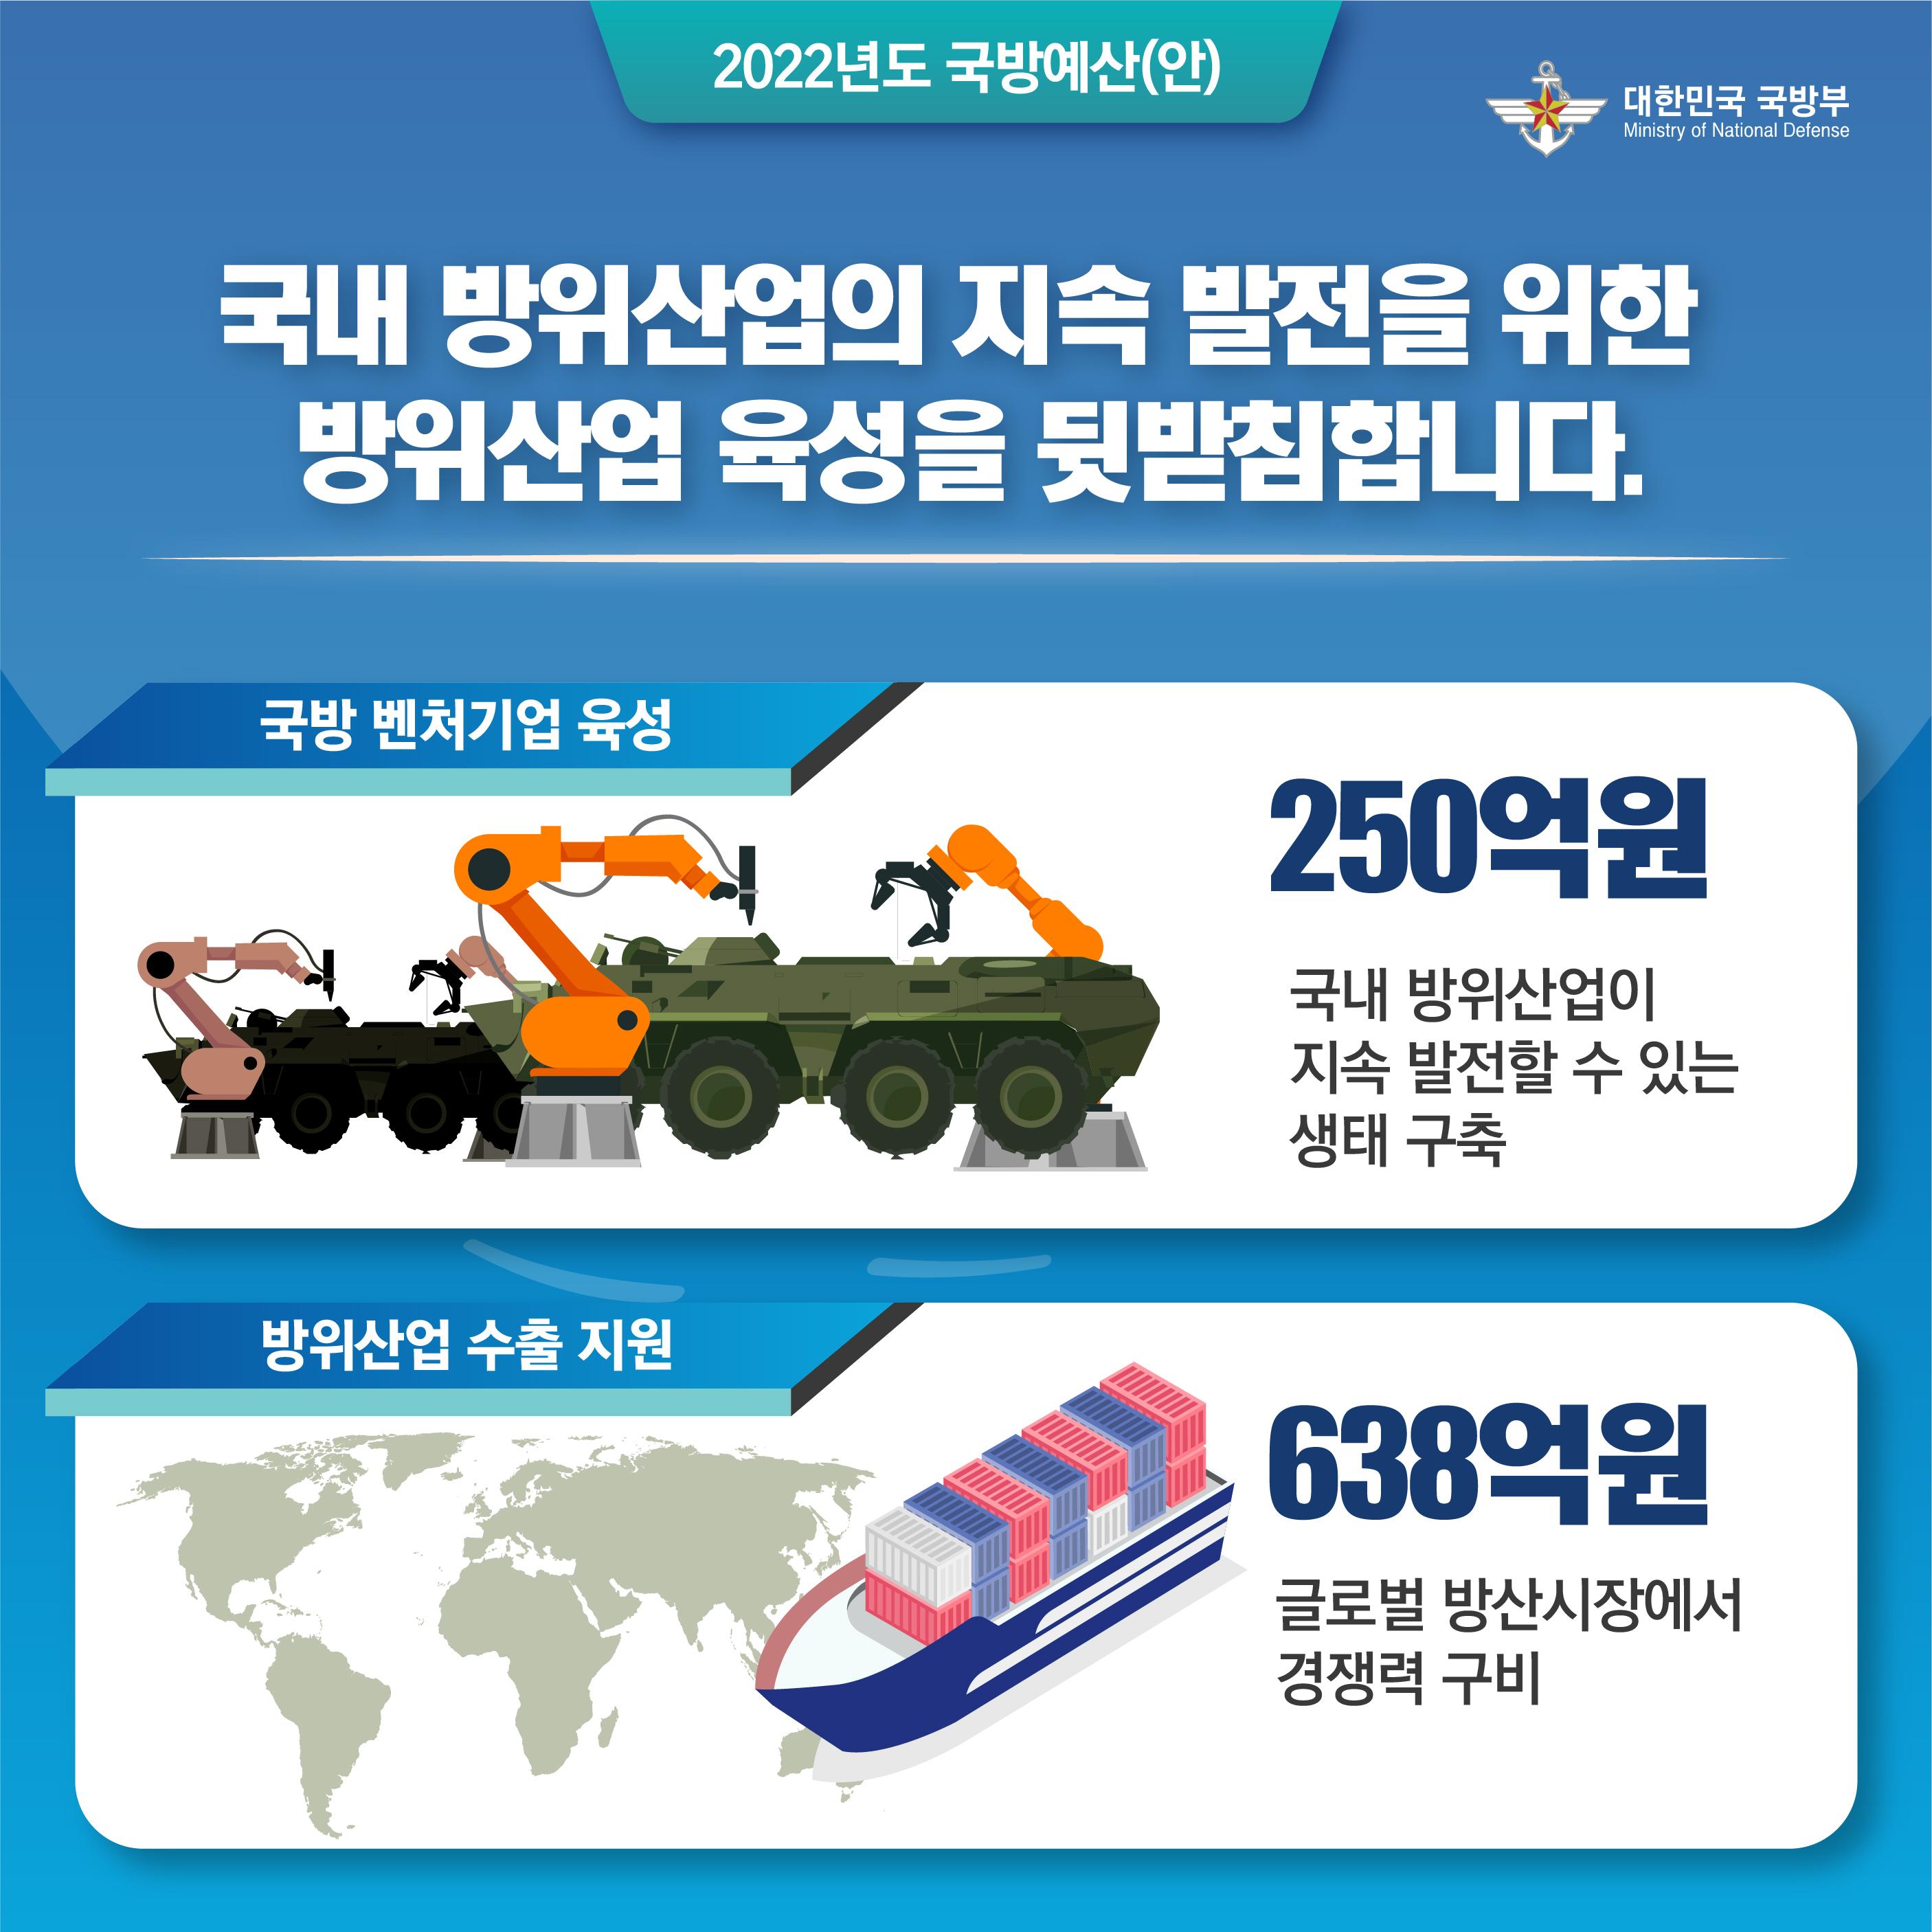 2022 국방예산 카드뉴스 5.jpg